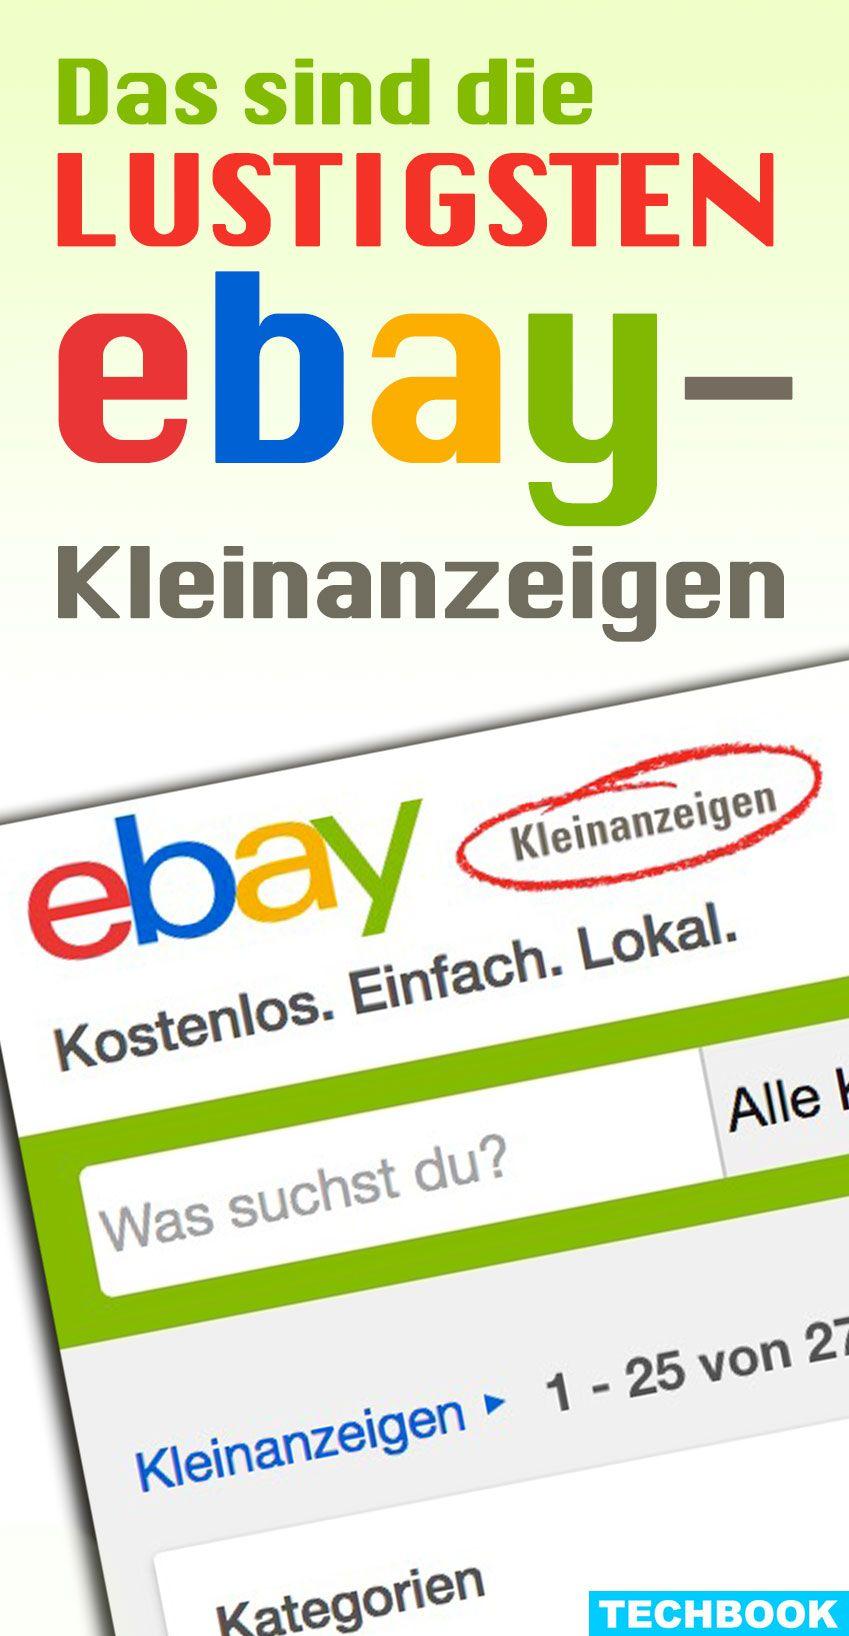 Die Kuriosesten Angebote Aus 10 Jahren Ebay Kleinanzeigen Ebay Kleinanzeigen Kleinanzeigen Ebay